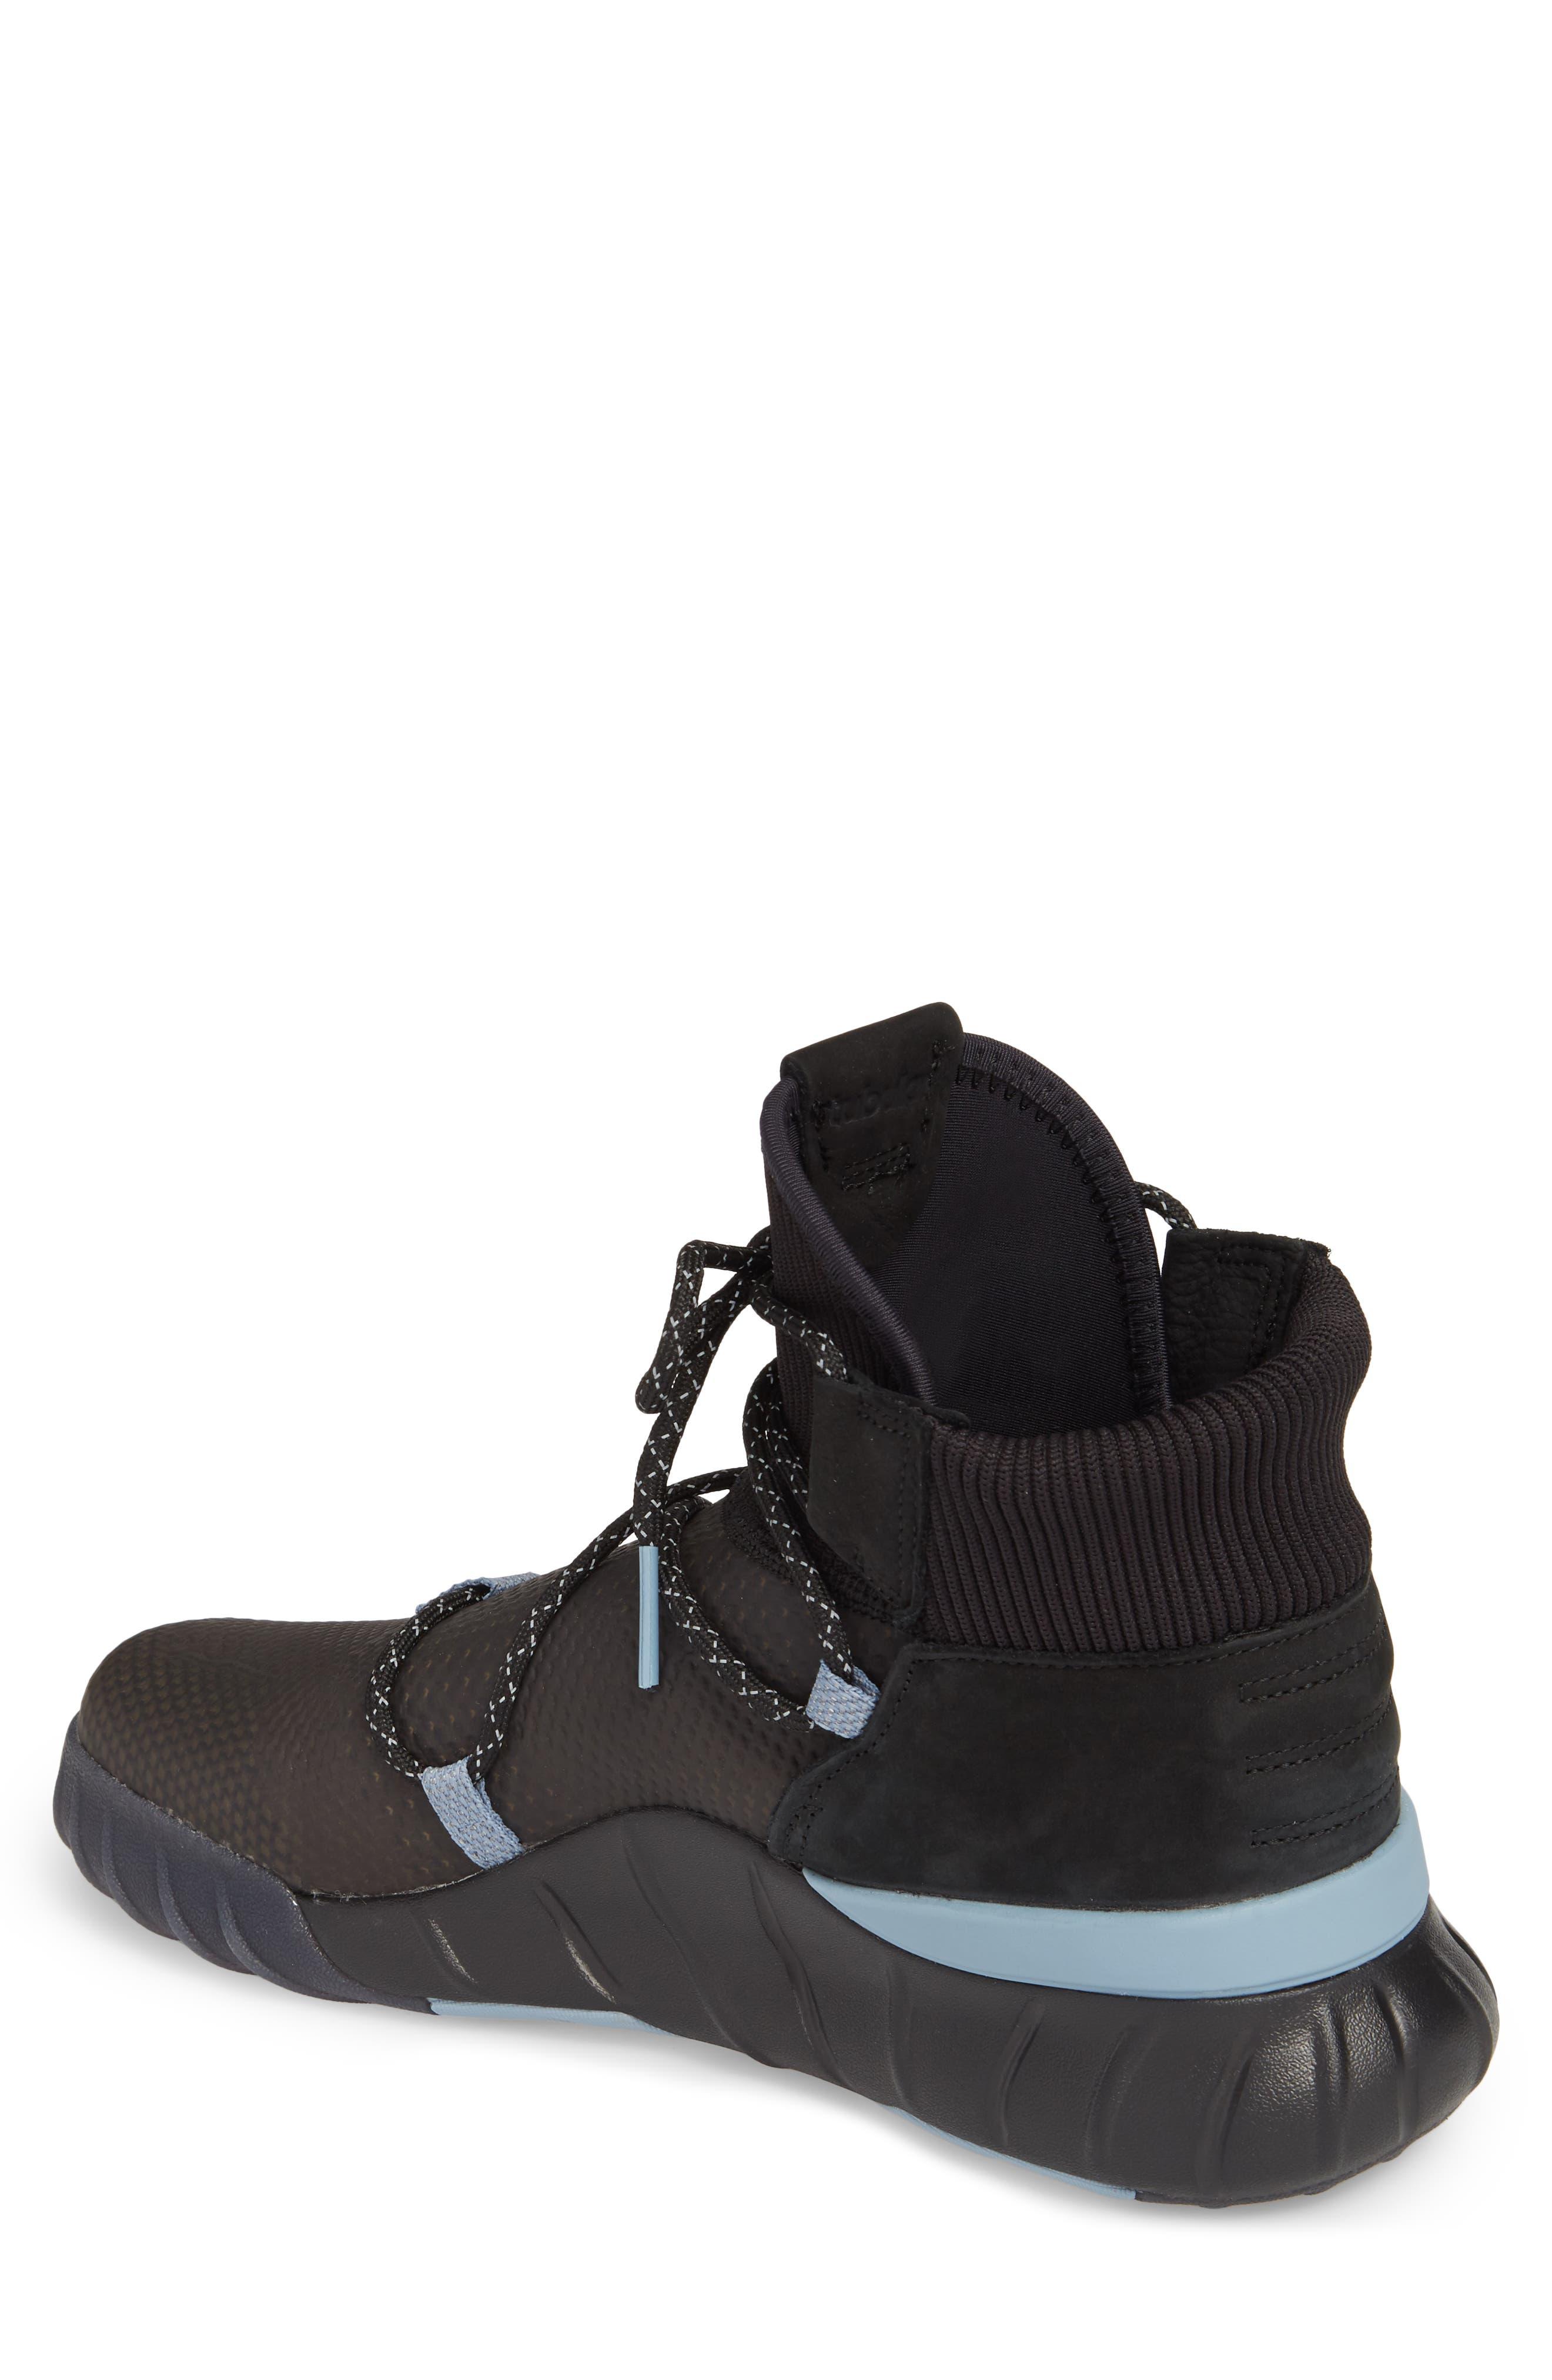 Tubular X 2.0 PK Sneaker,                             Alternate thumbnail 2, color,                             Core Black